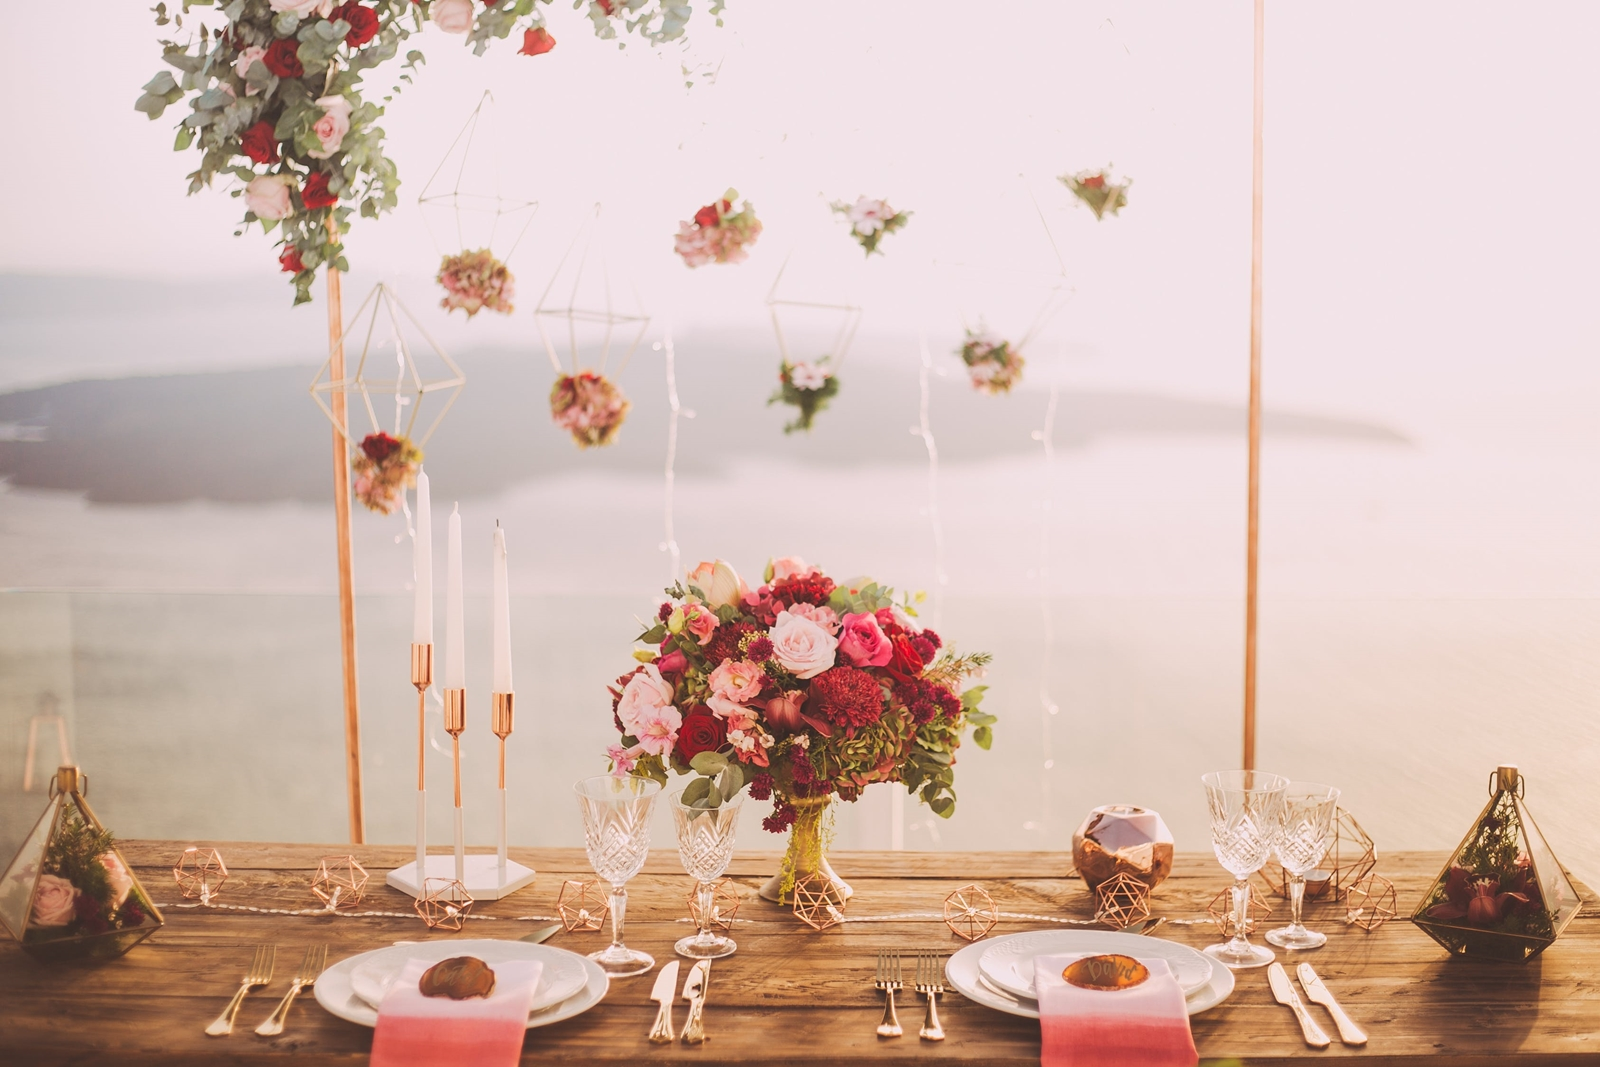 Wesele jak z bajki - jak zorganizować idealne wesele. O czym trzeba pamiętać przy organizacji wesela, dodatki na ślub. Jak ustalić menu weselne, pudełka ozdobne na ciasta dla gości - pomysły, inspiracje i porady.